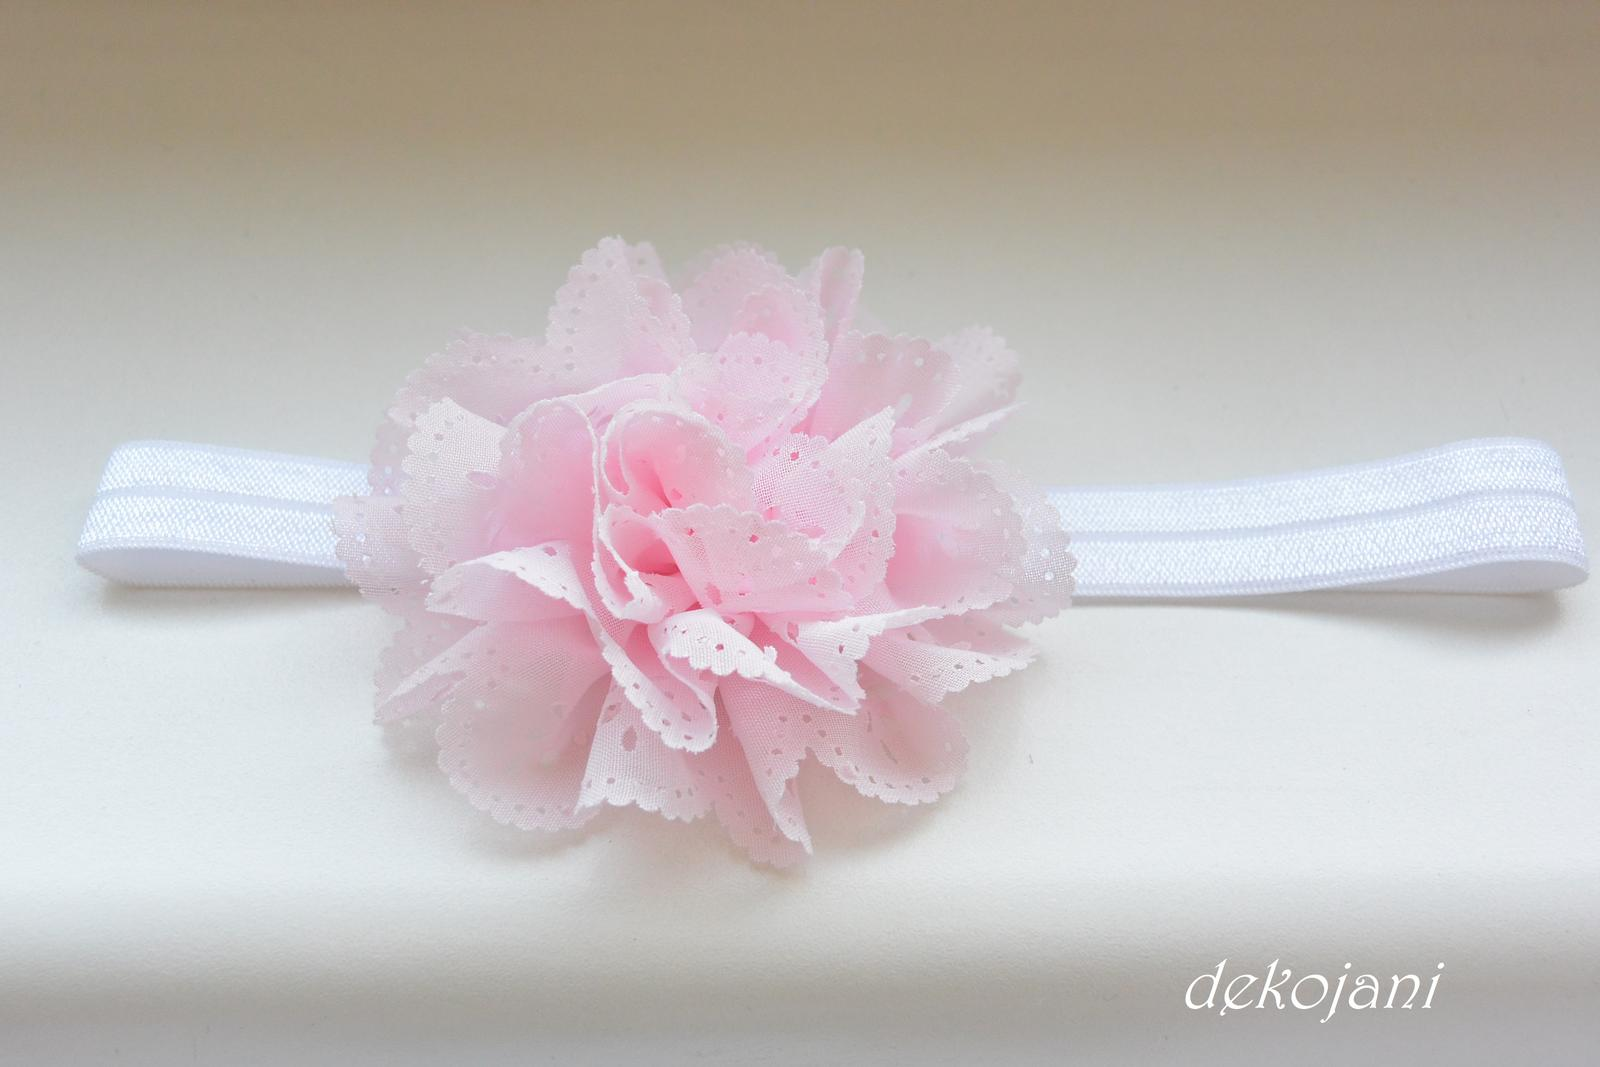 Čelenky, květiny do vlasů, náramky, obojek pro pejska... - Obrázek č. 34